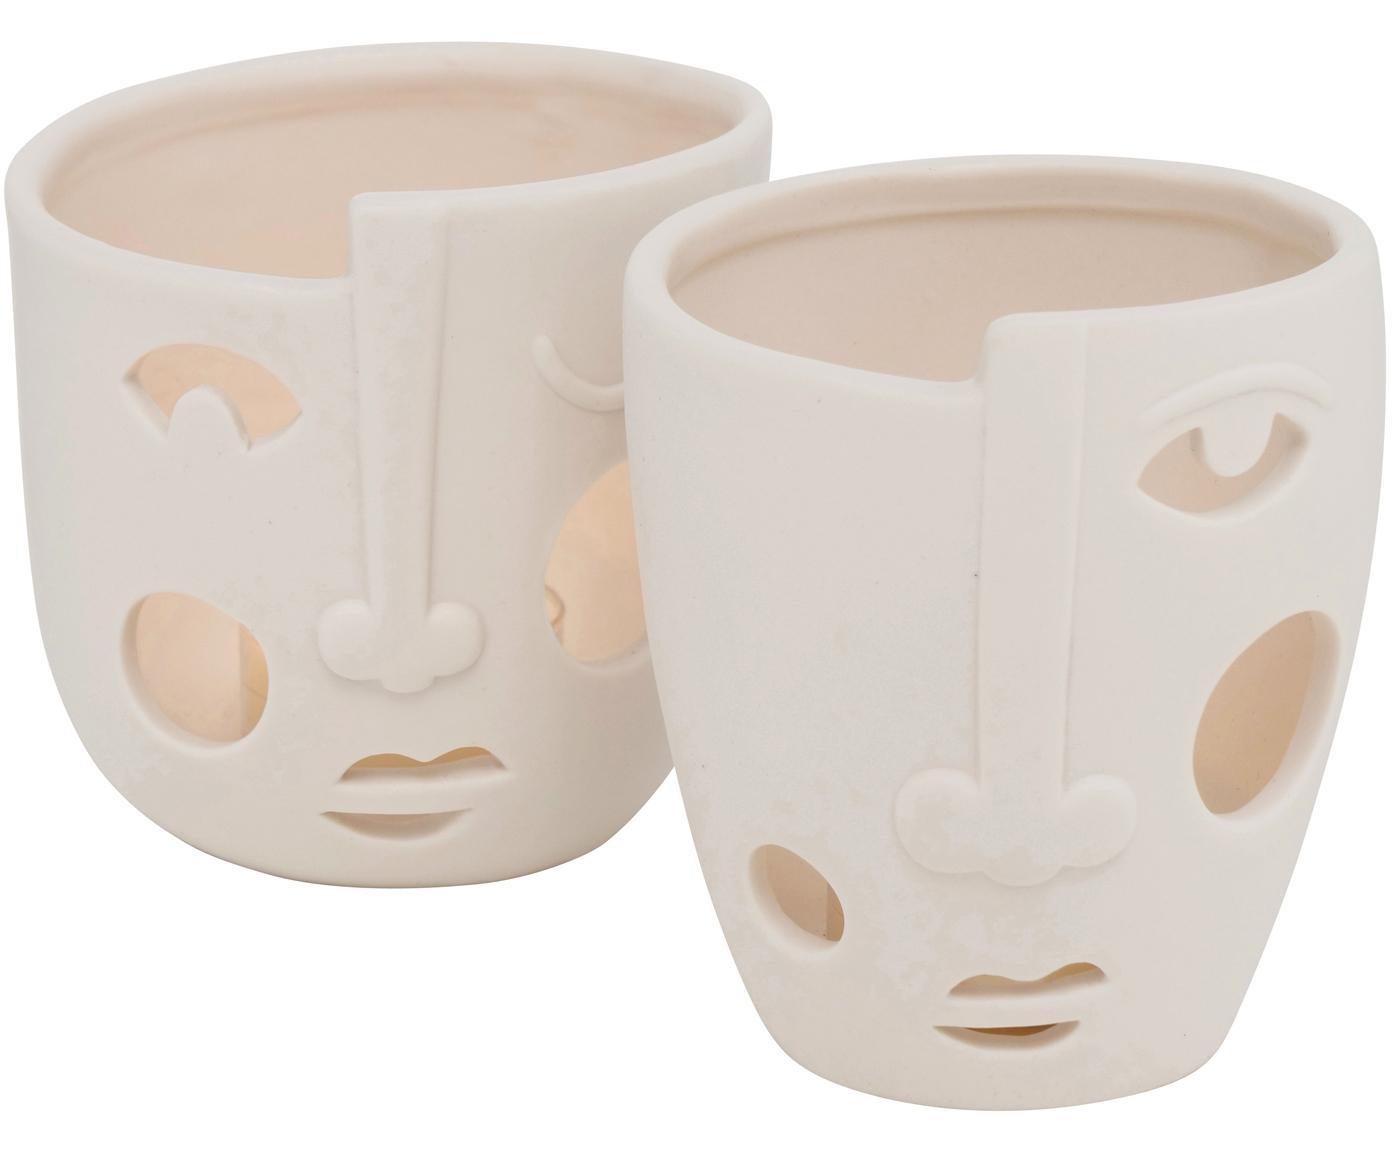 Komplet świeczników na podgrzewacze Faces, 2 elem., Porcelana, Biały, Ø 9 x 9 cm